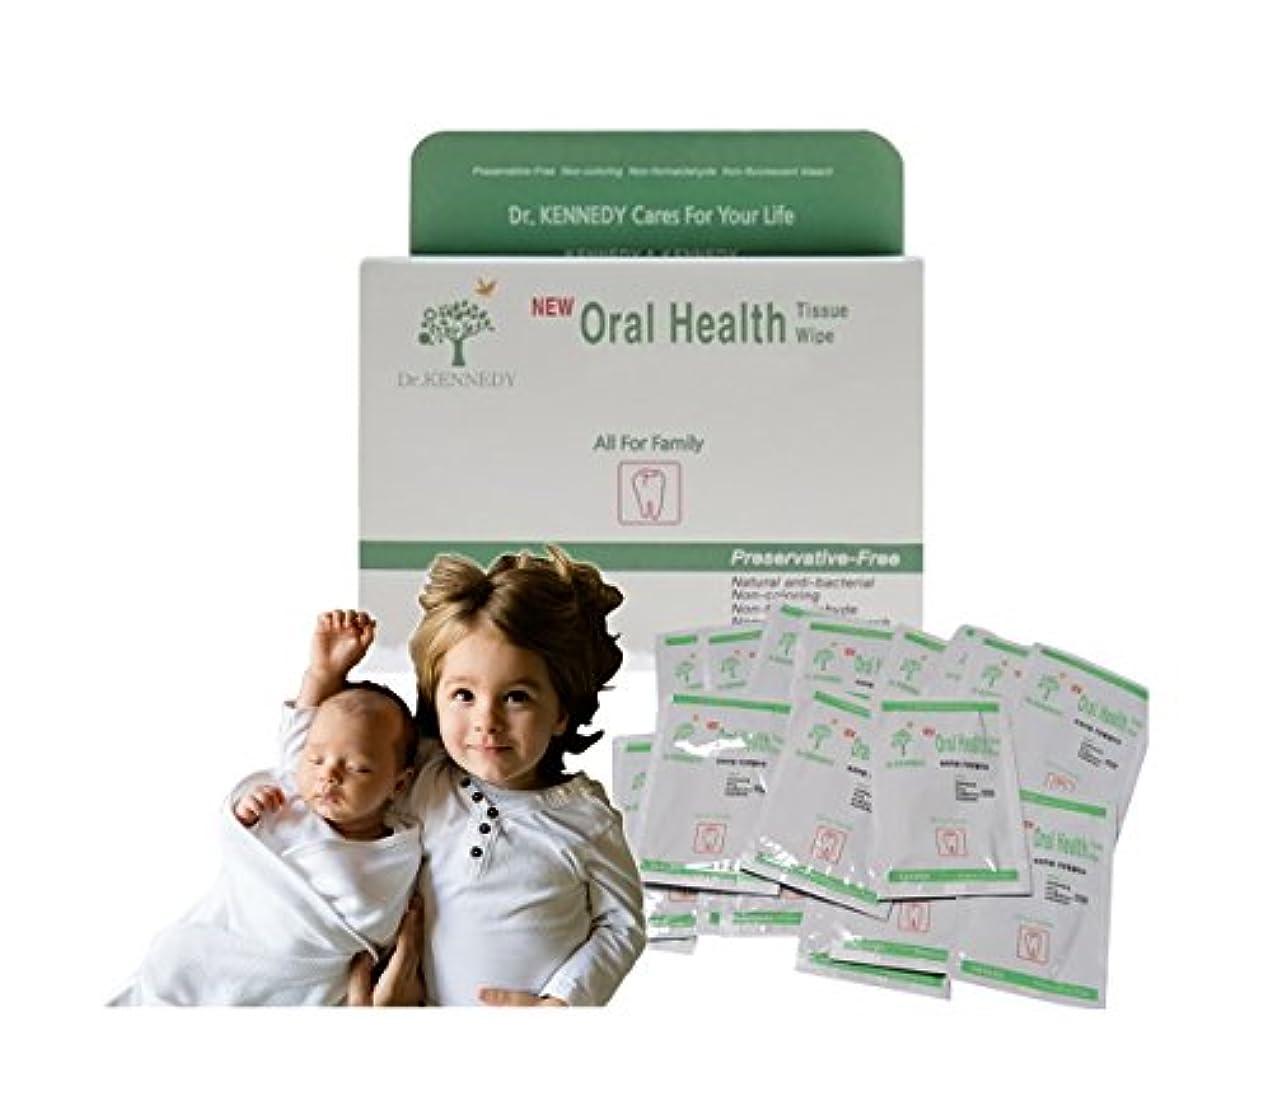 所得クーポン解説50枚 ベビーケアデンタルケア 安全 成分 歯磨き代用 幼兒 乳歯 口腔健康 Cotton ティッシュぺーパー 並行輸入